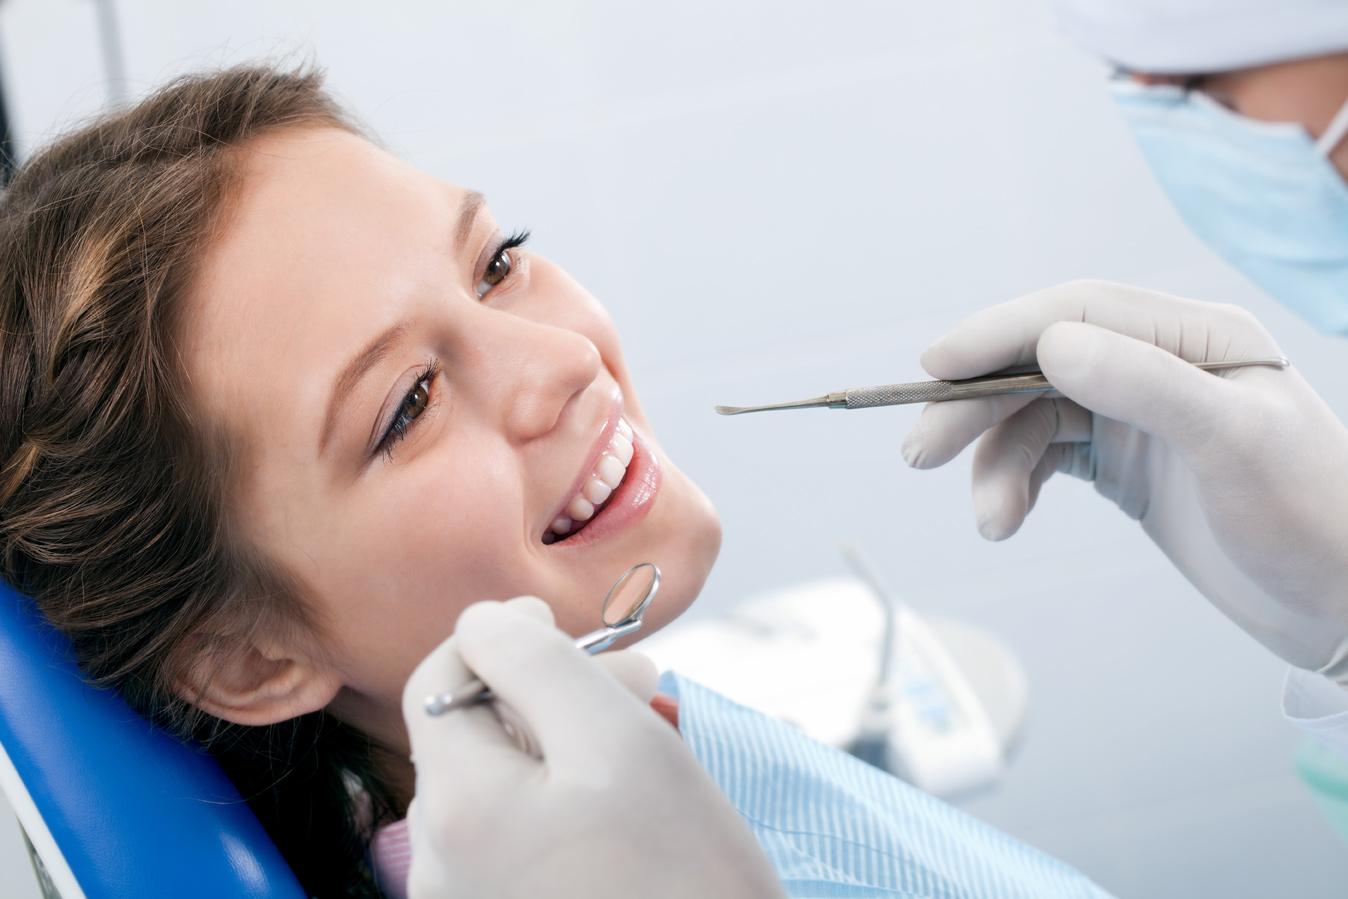 Зубы в крапинку: причины, симптомы и лечение флюороза